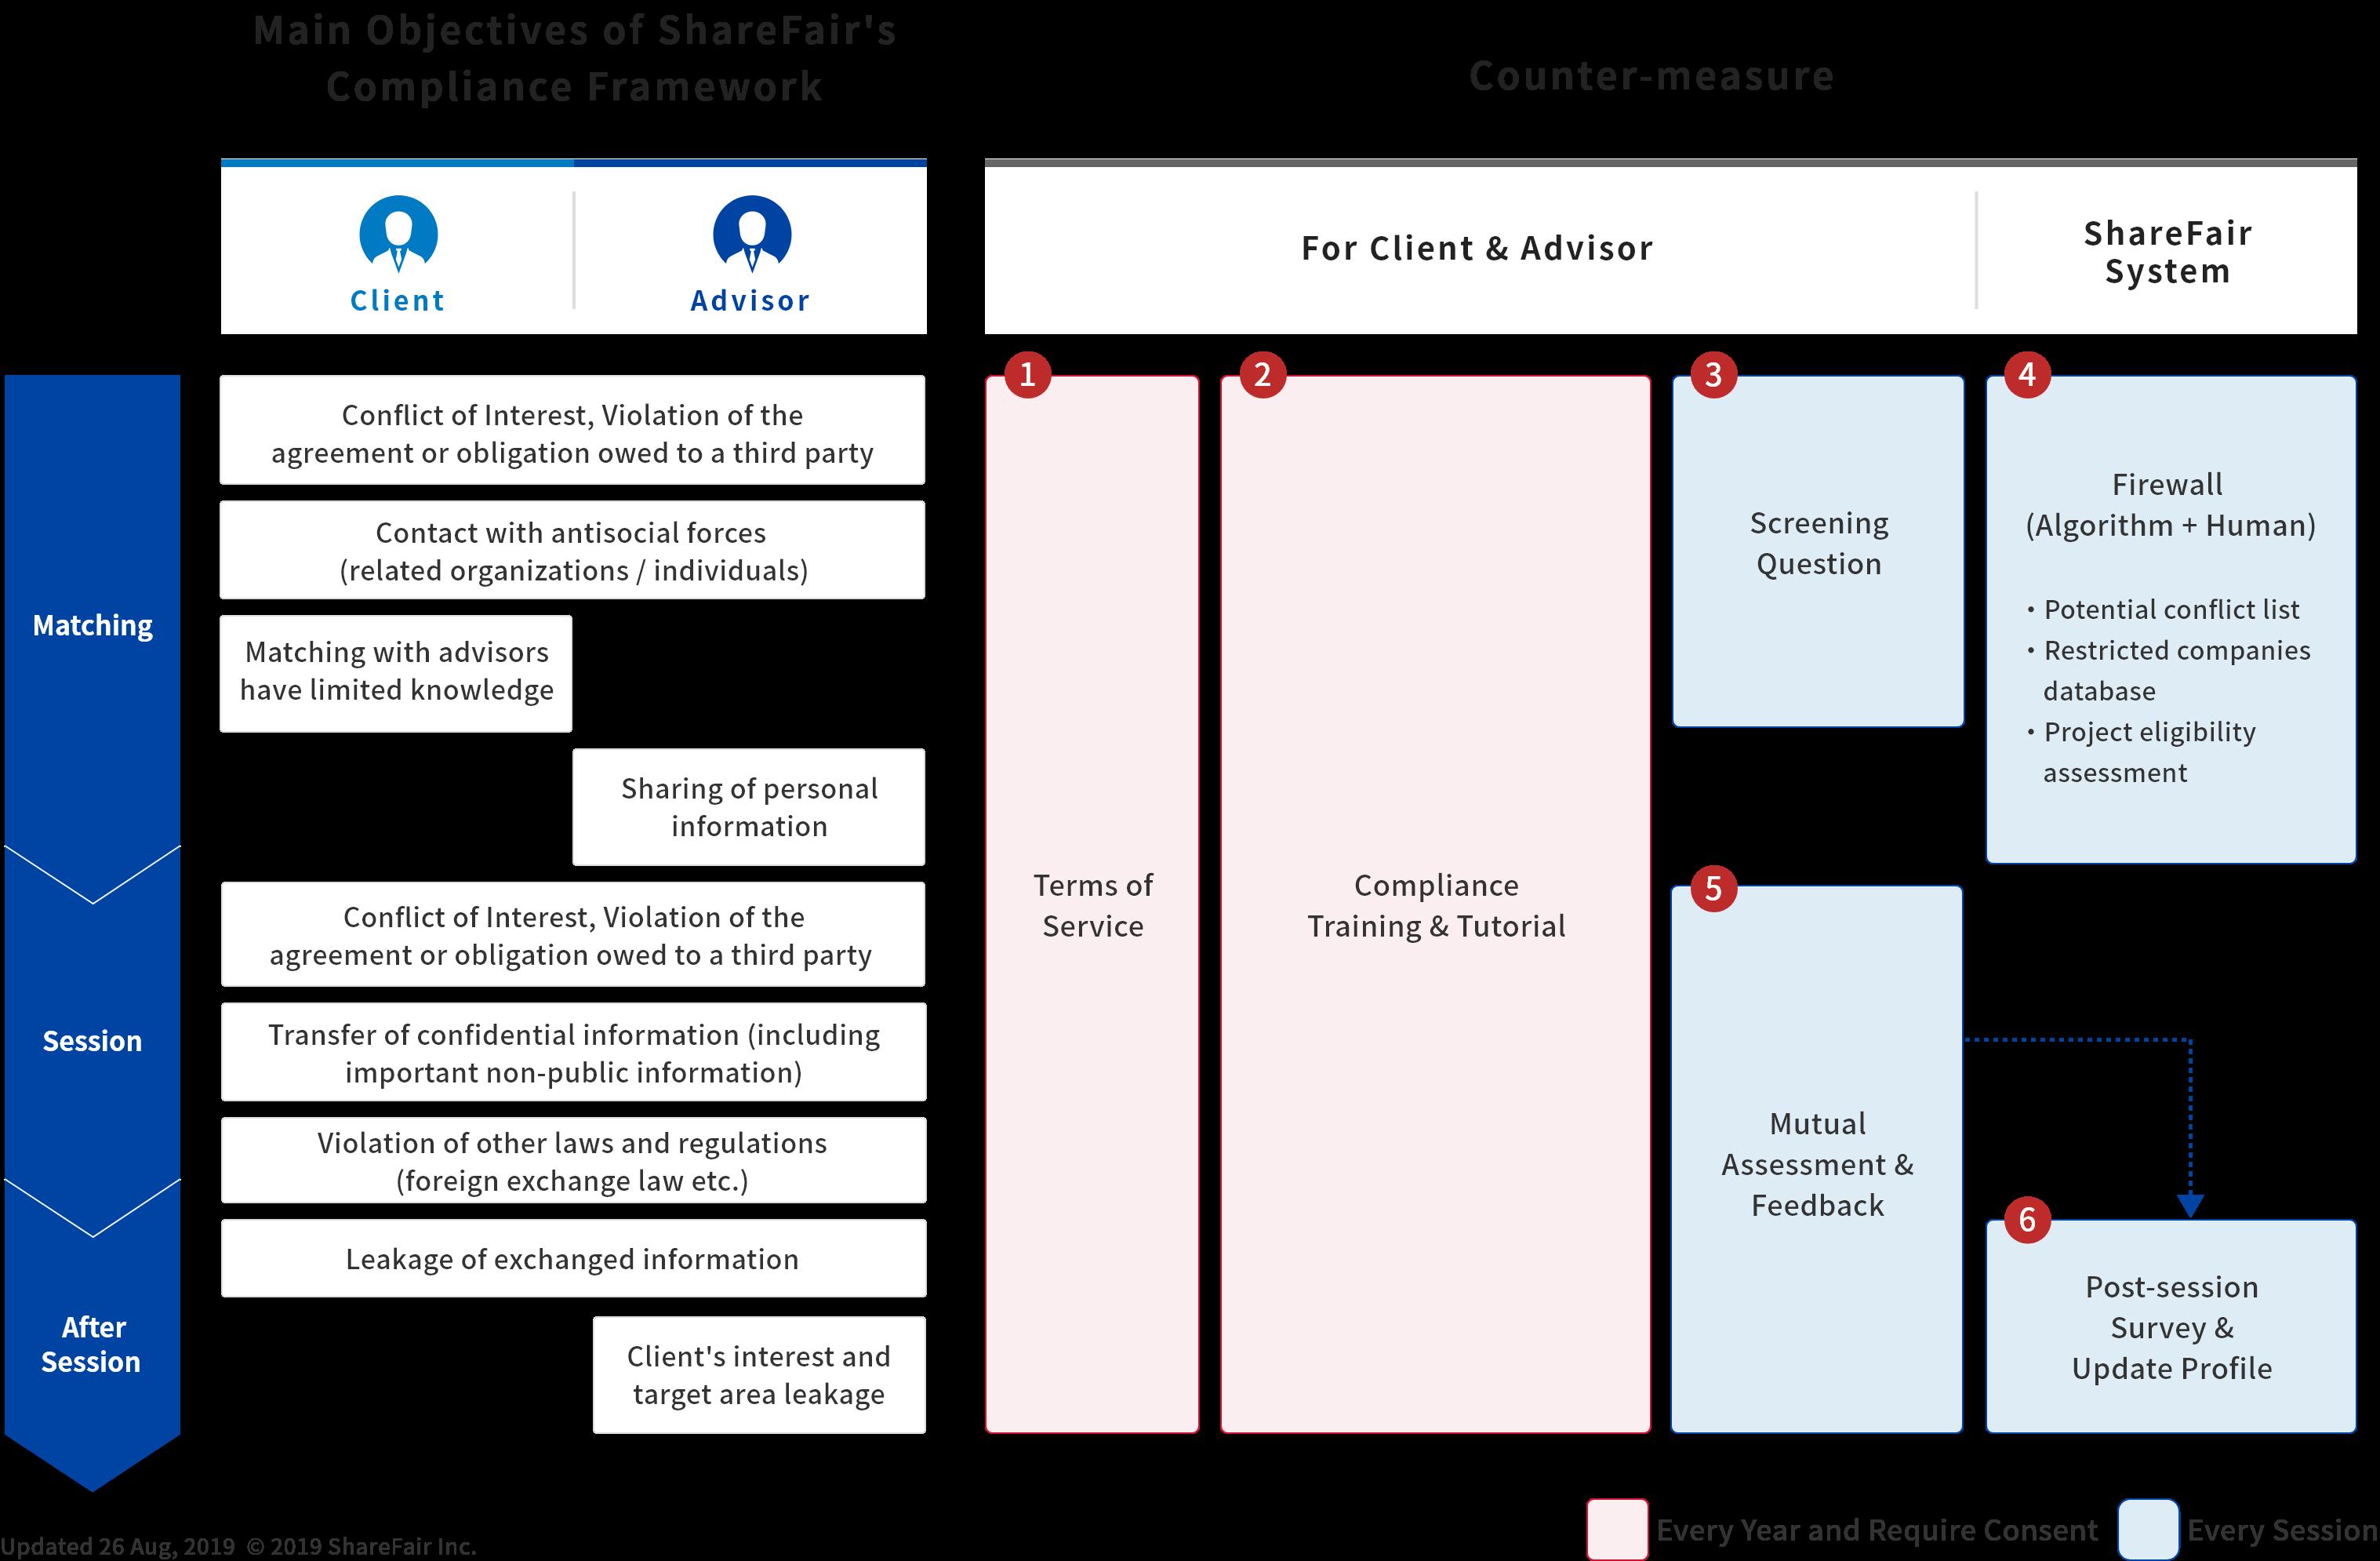 ShareFair Compliance Framework